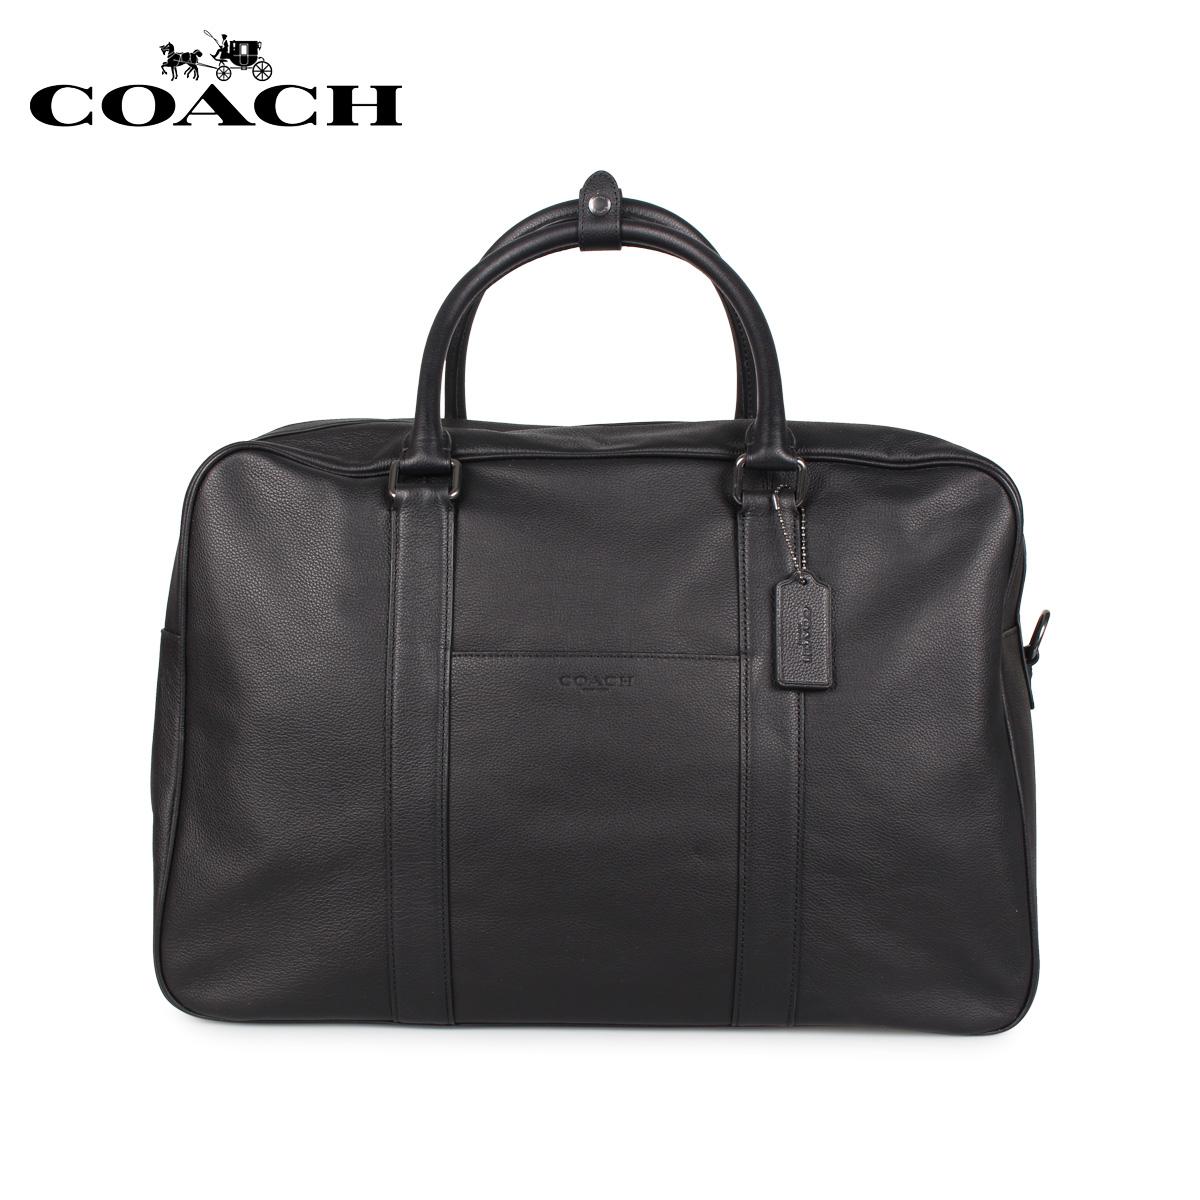 COACH コーチ バッグ ボストンバッグ ショルダー メンズ ブラック 黒 F27614 [3/18 新入荷]